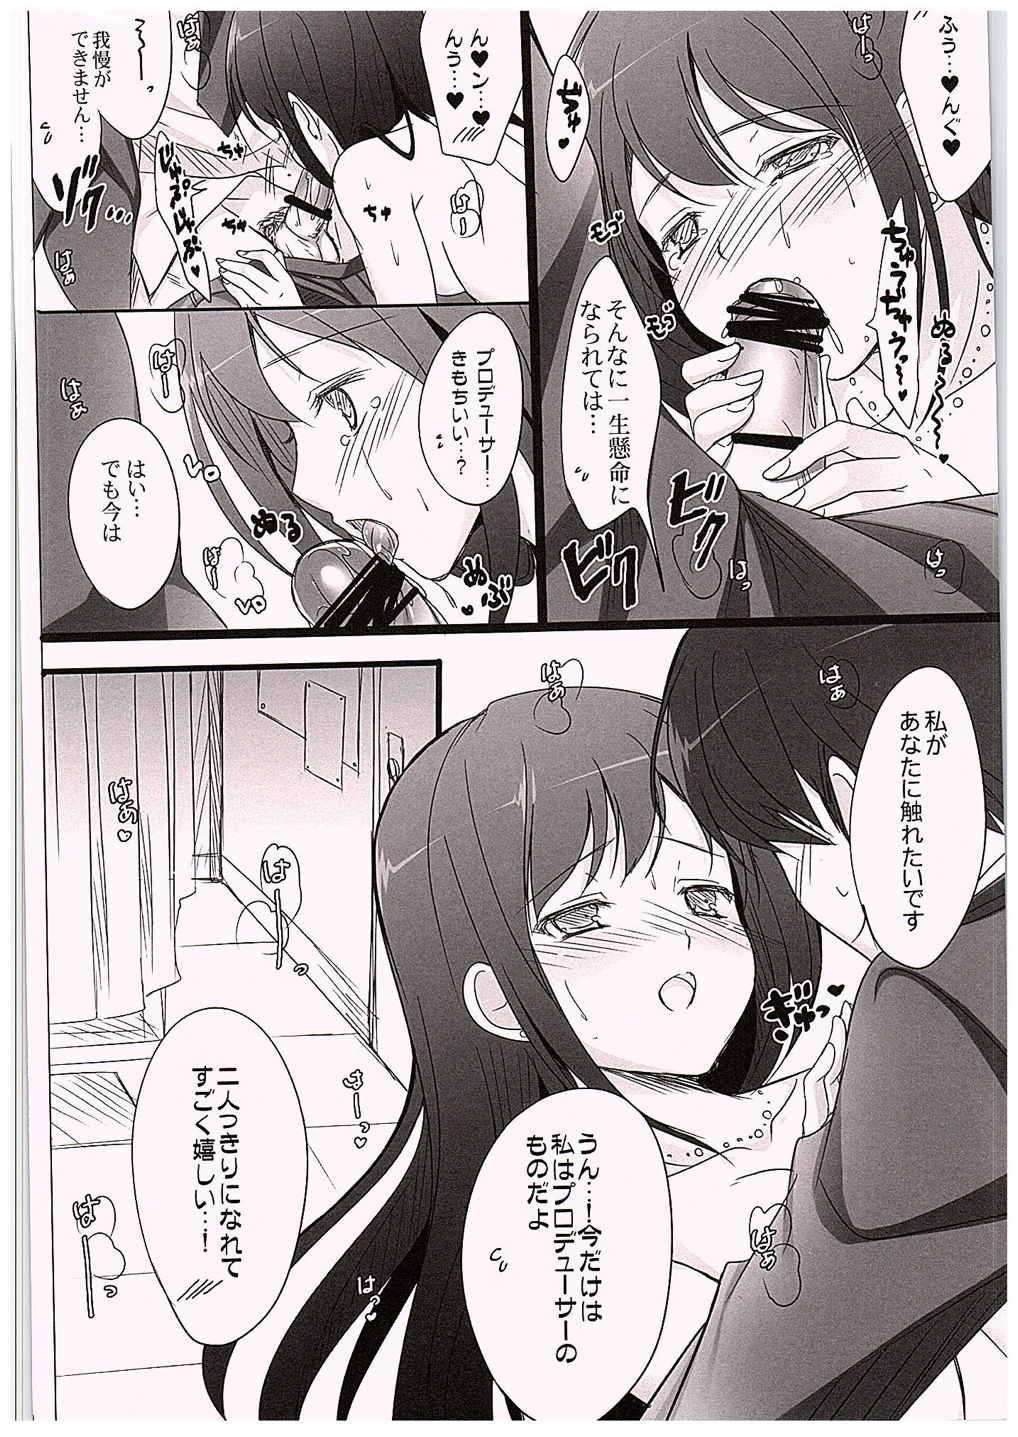 Hitorijime Shitai! 10